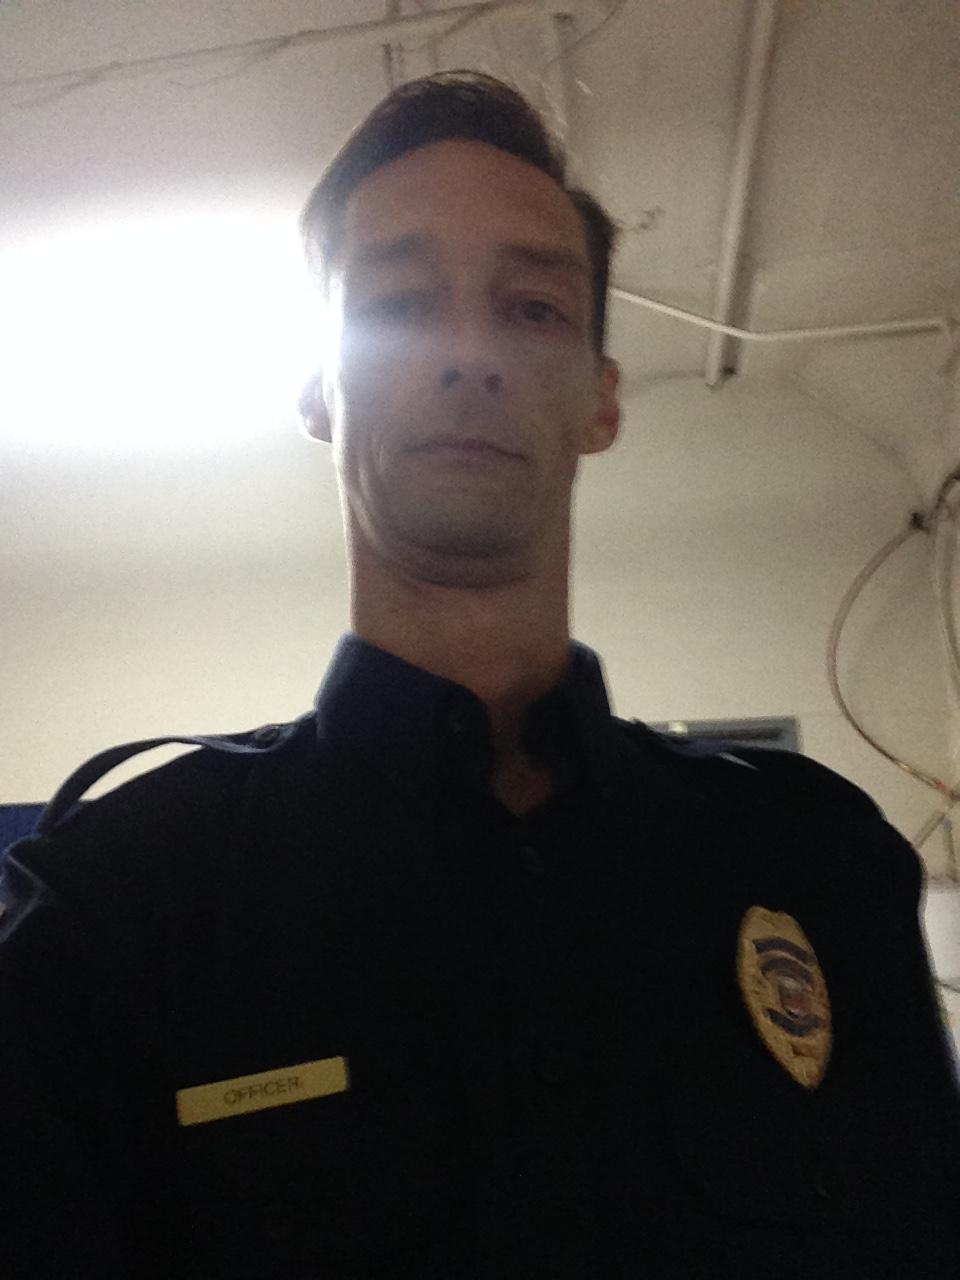 SeeNoEvil Cop